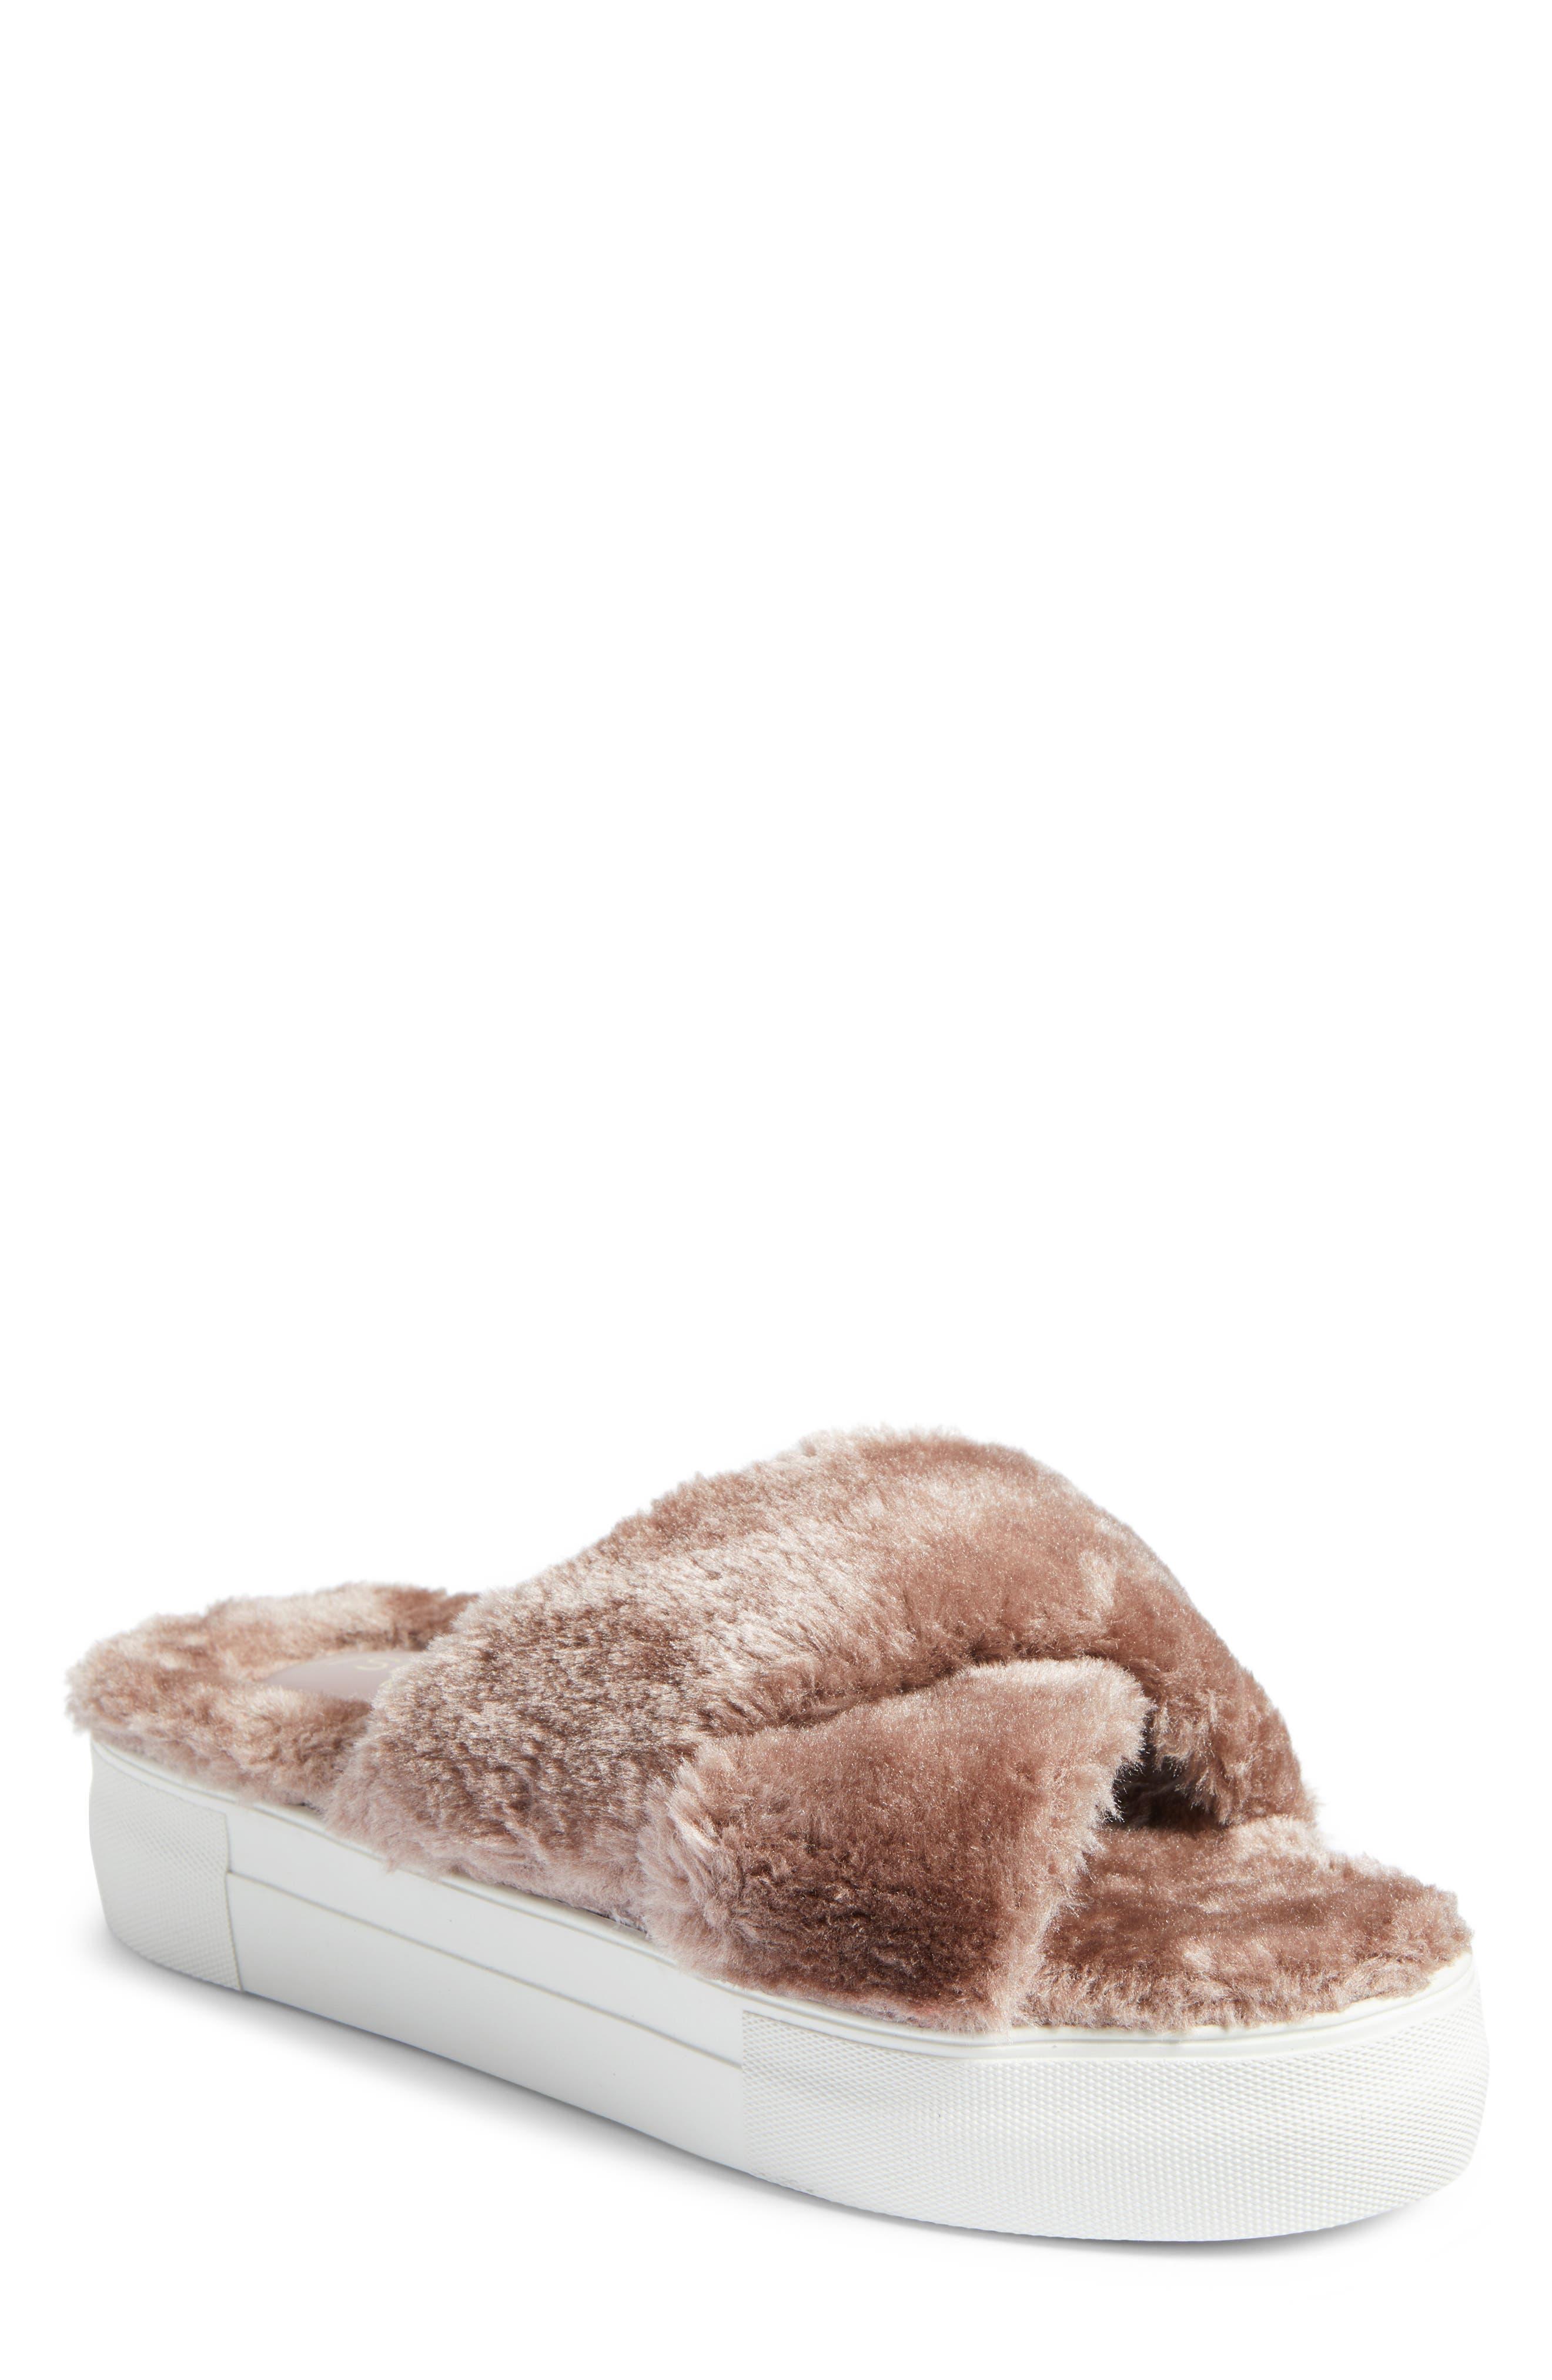 JSlides Adorablee Faux Fur Plaform Sandal (Women)